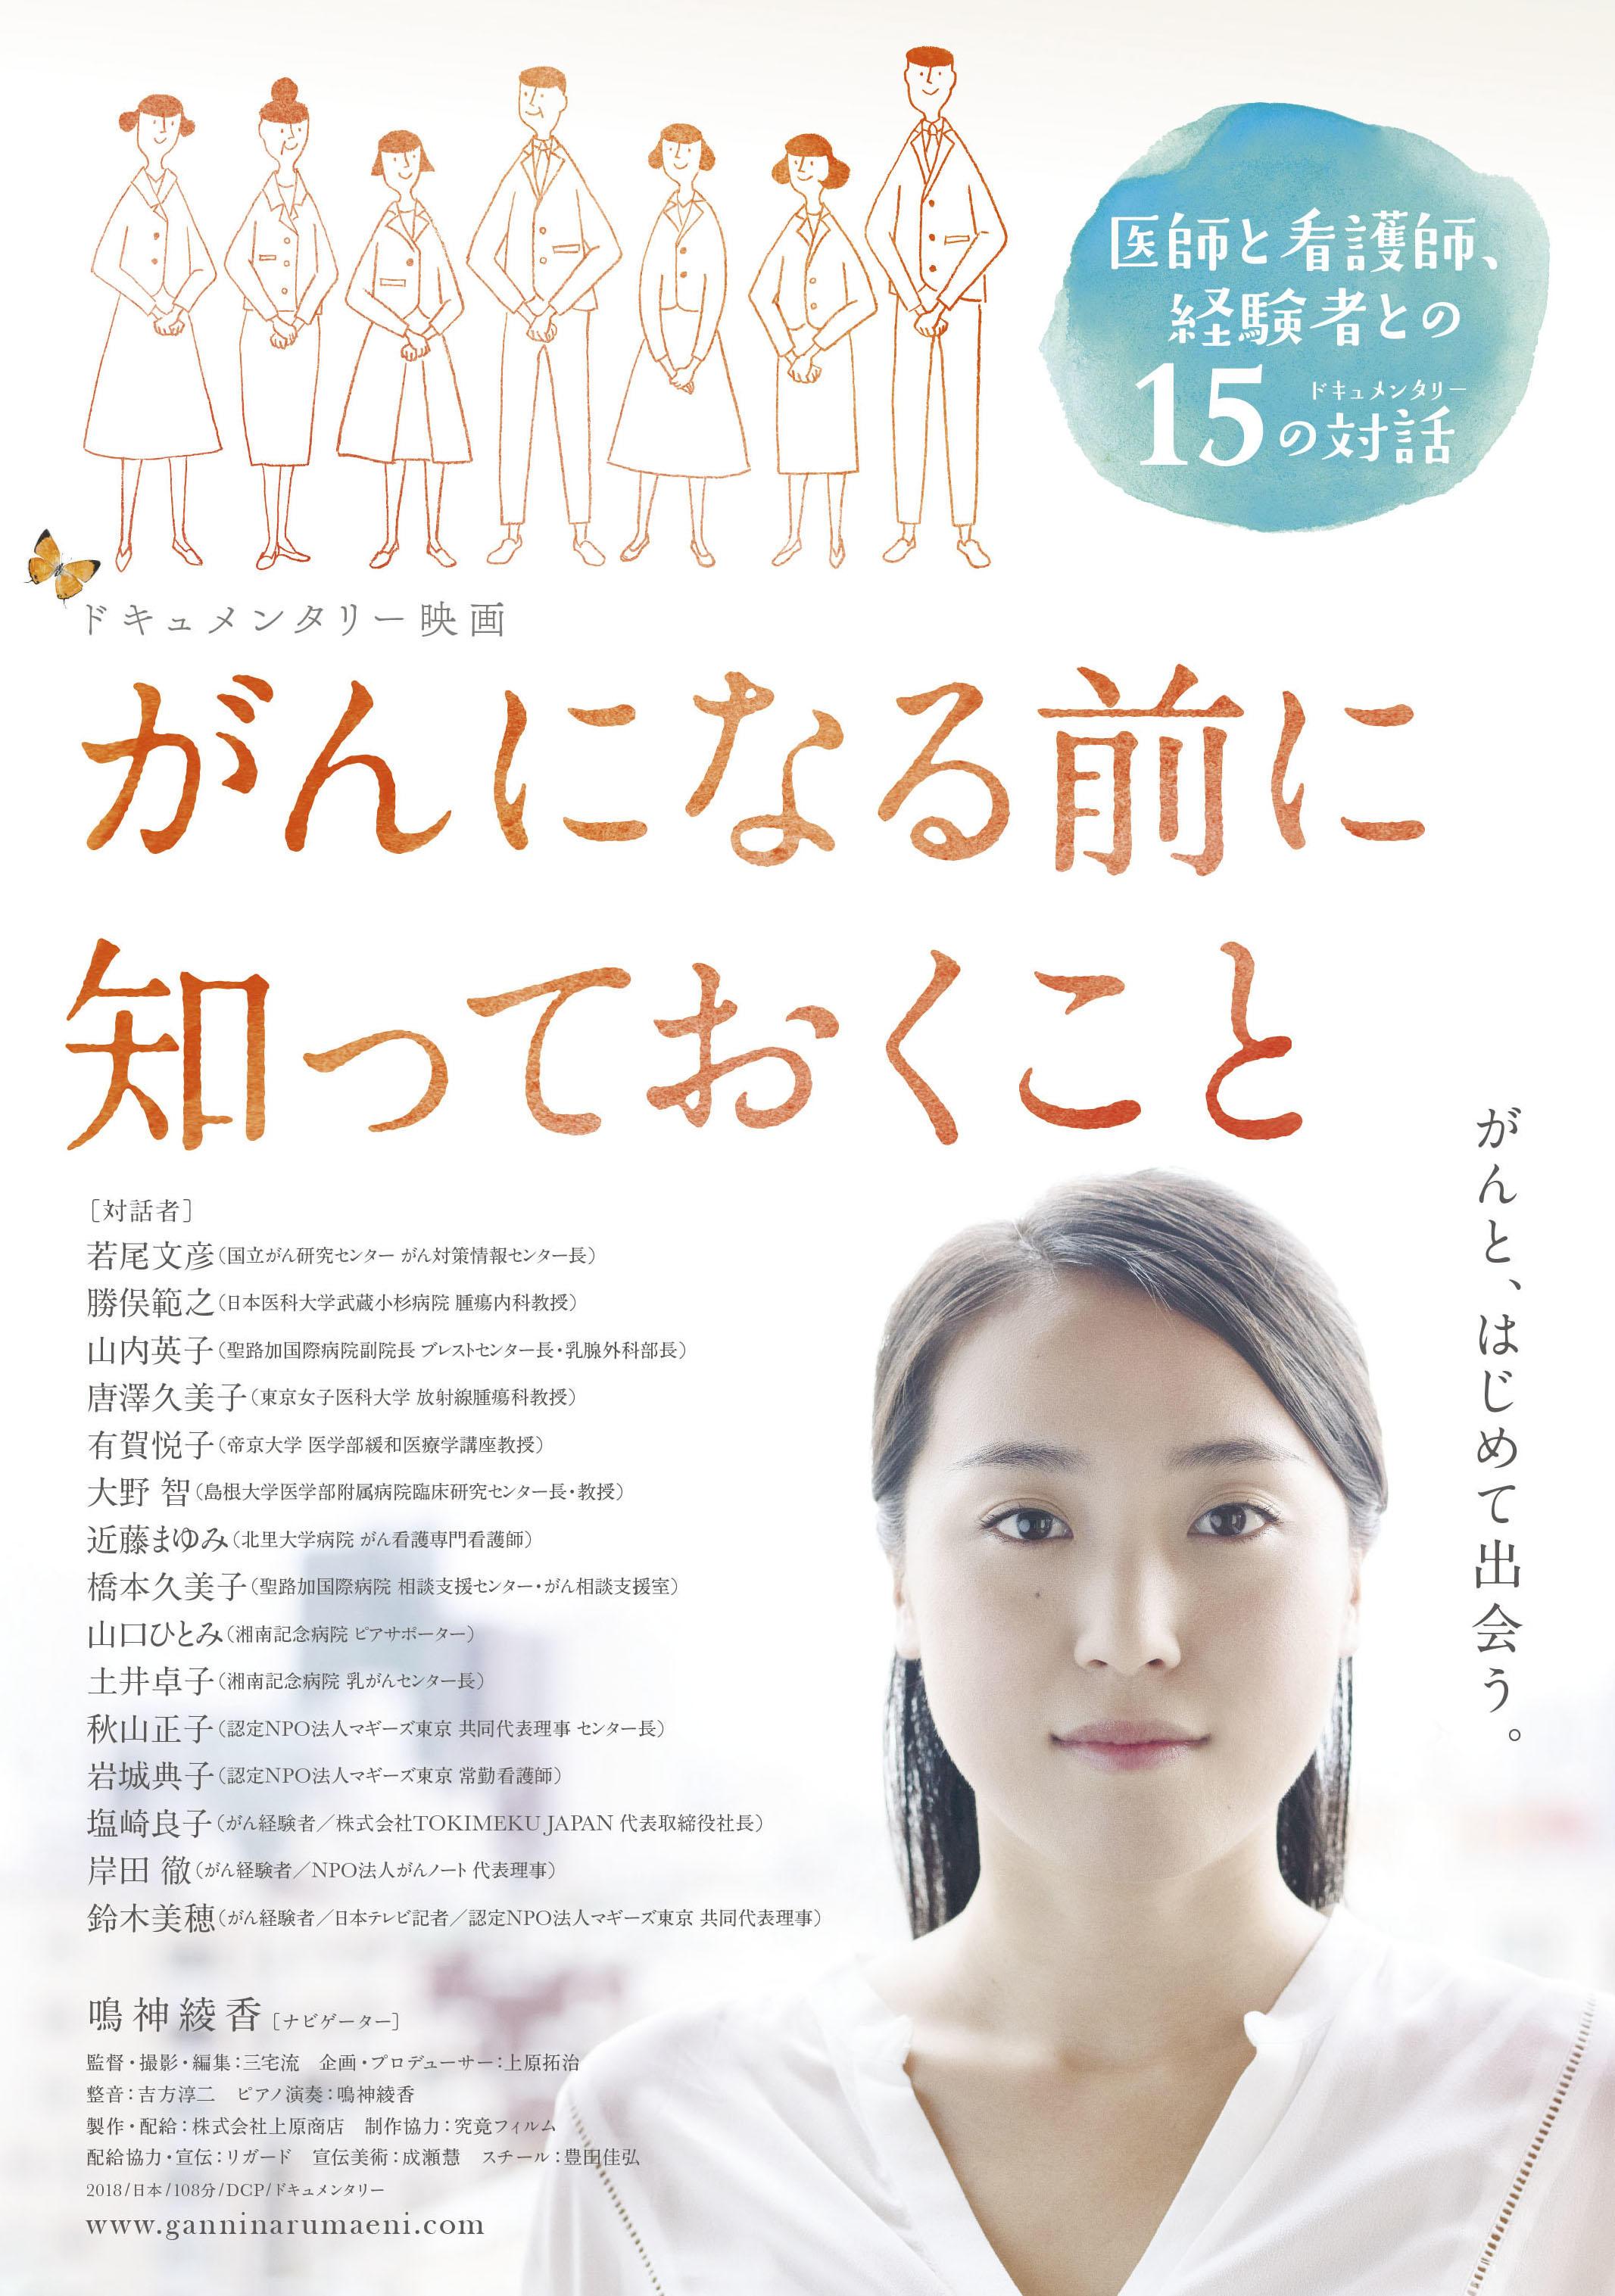 ganninarumaeni_H1.jpg